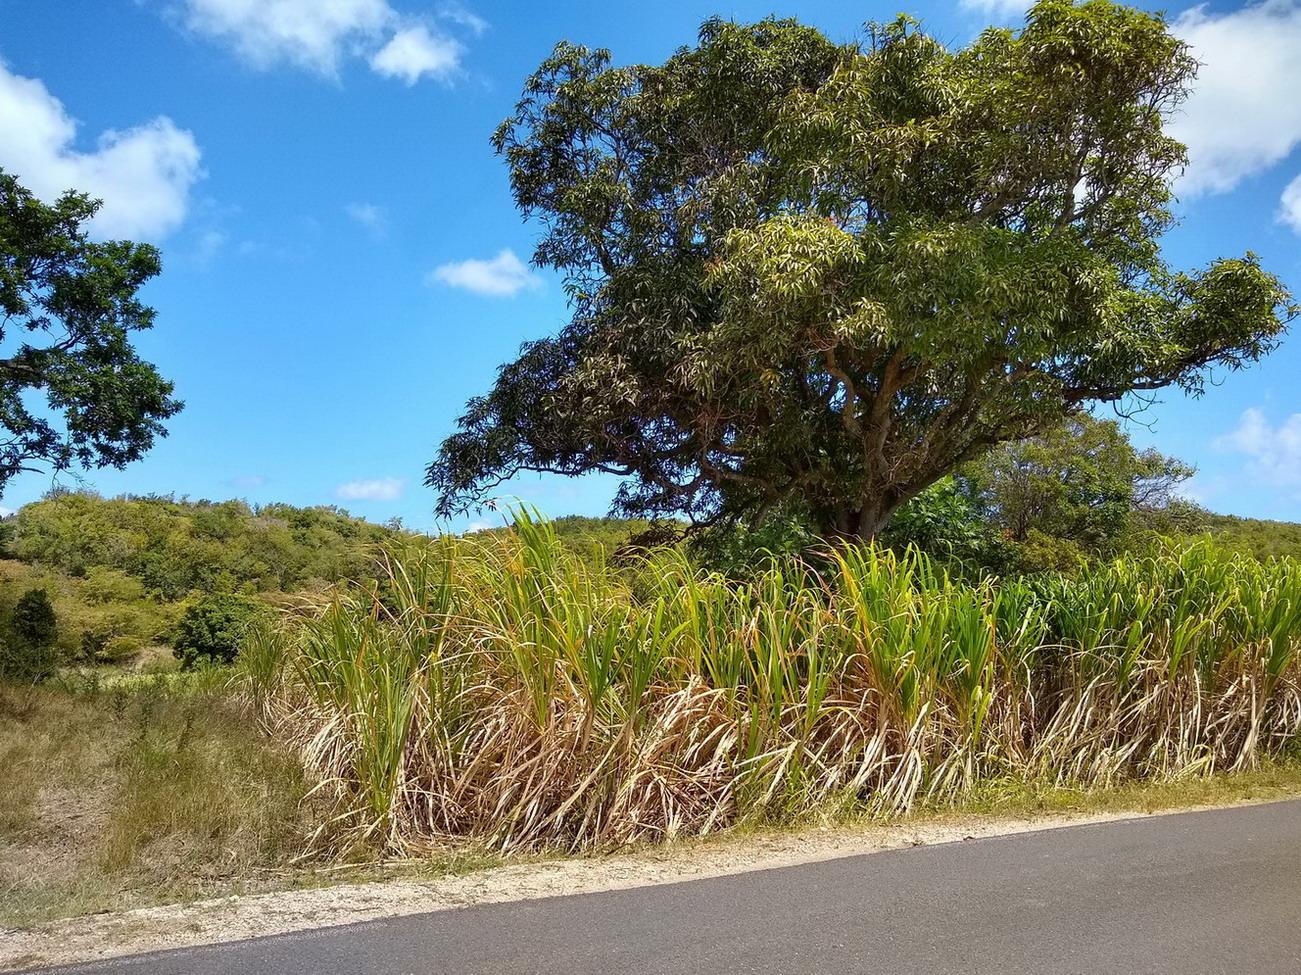 05. Marie-Galante, vers le nord de l'île, champ de canne à sucre